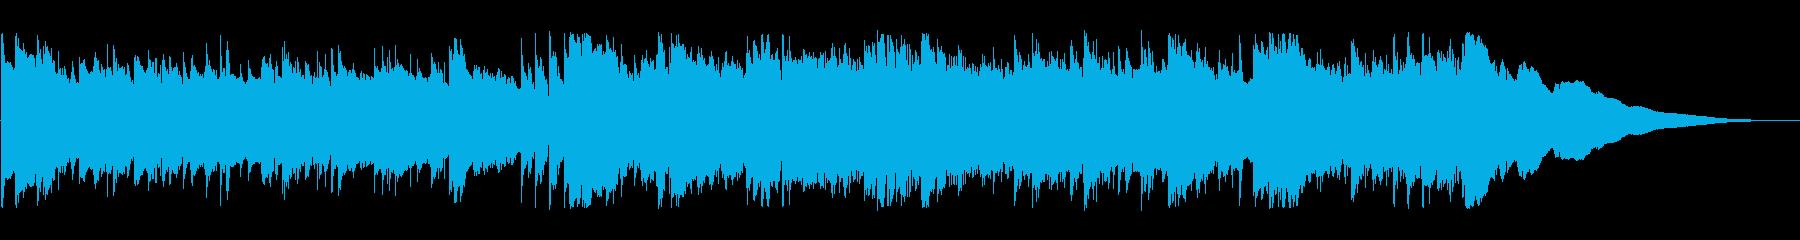 動画 感情的 静か 楽しげ クール...の再生済みの波形